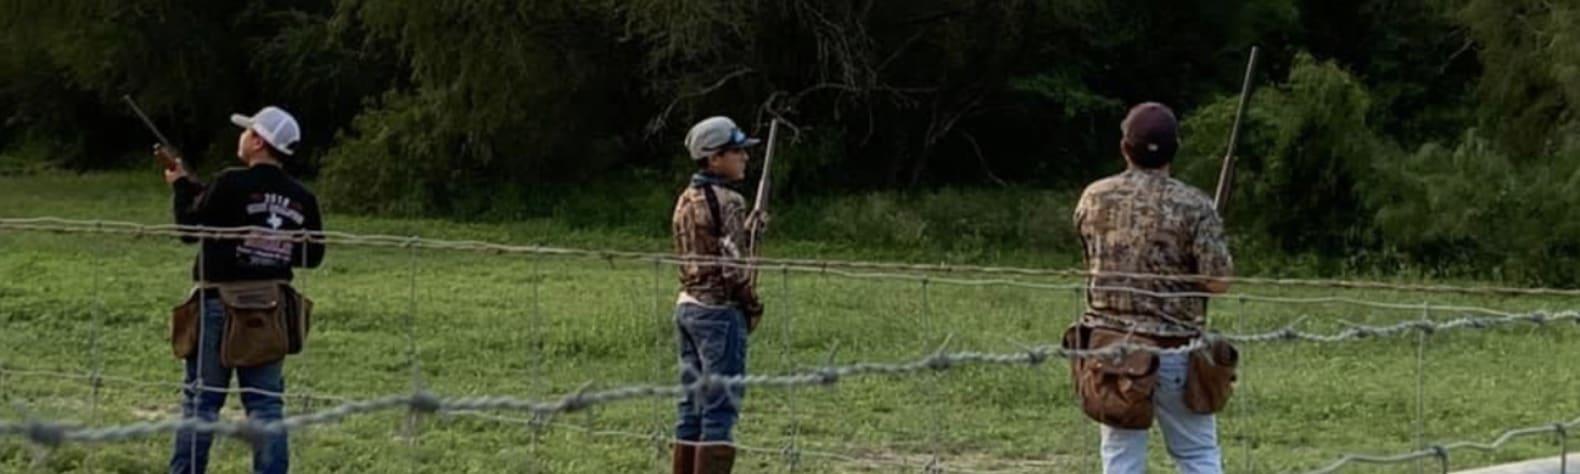 La Dueña Ranch